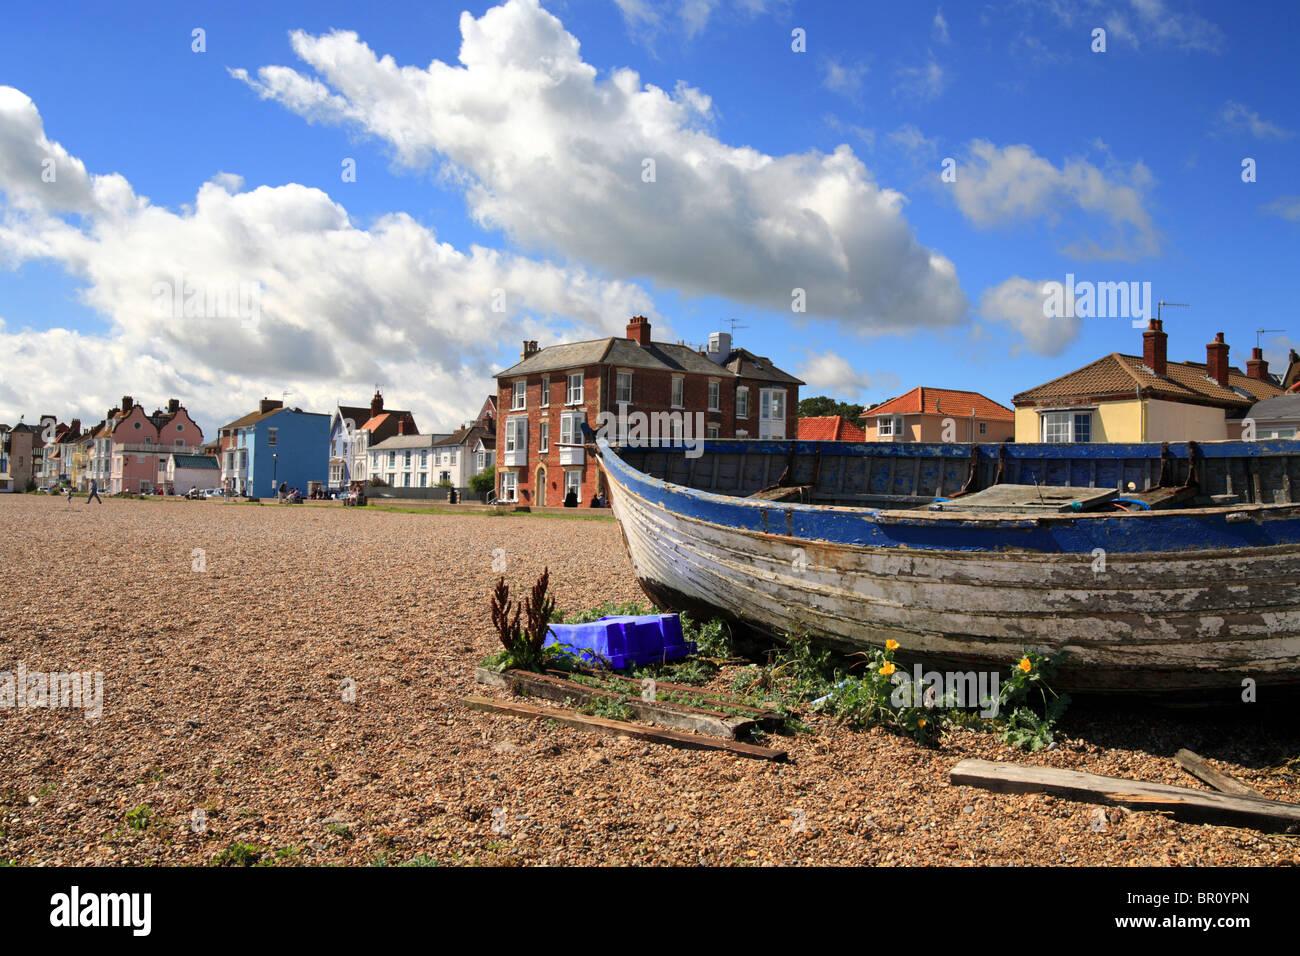 Bateau de pêche sur la plage d'Aldeburgh en face de la rangée de maisons de ville aux couleurs vives. Photo Stock